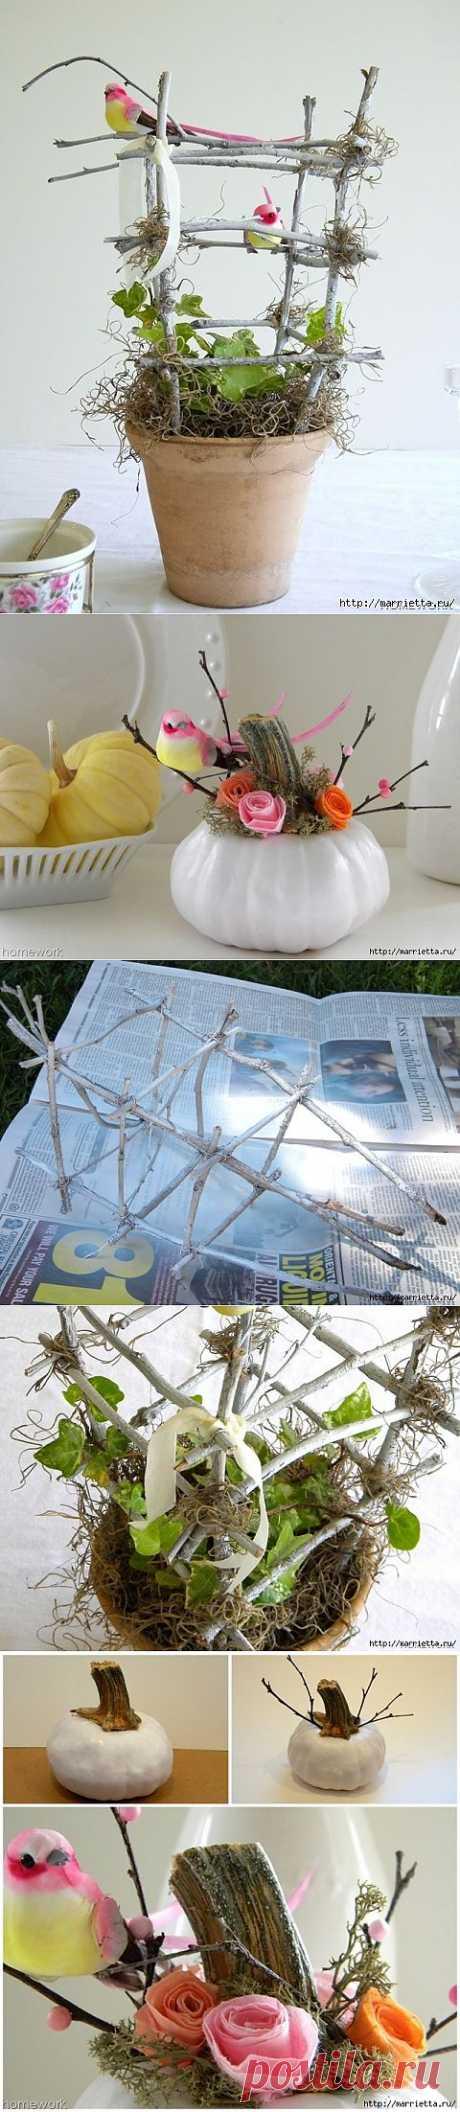 Топиарий из веток для птички и красивая композиция из тыквы.